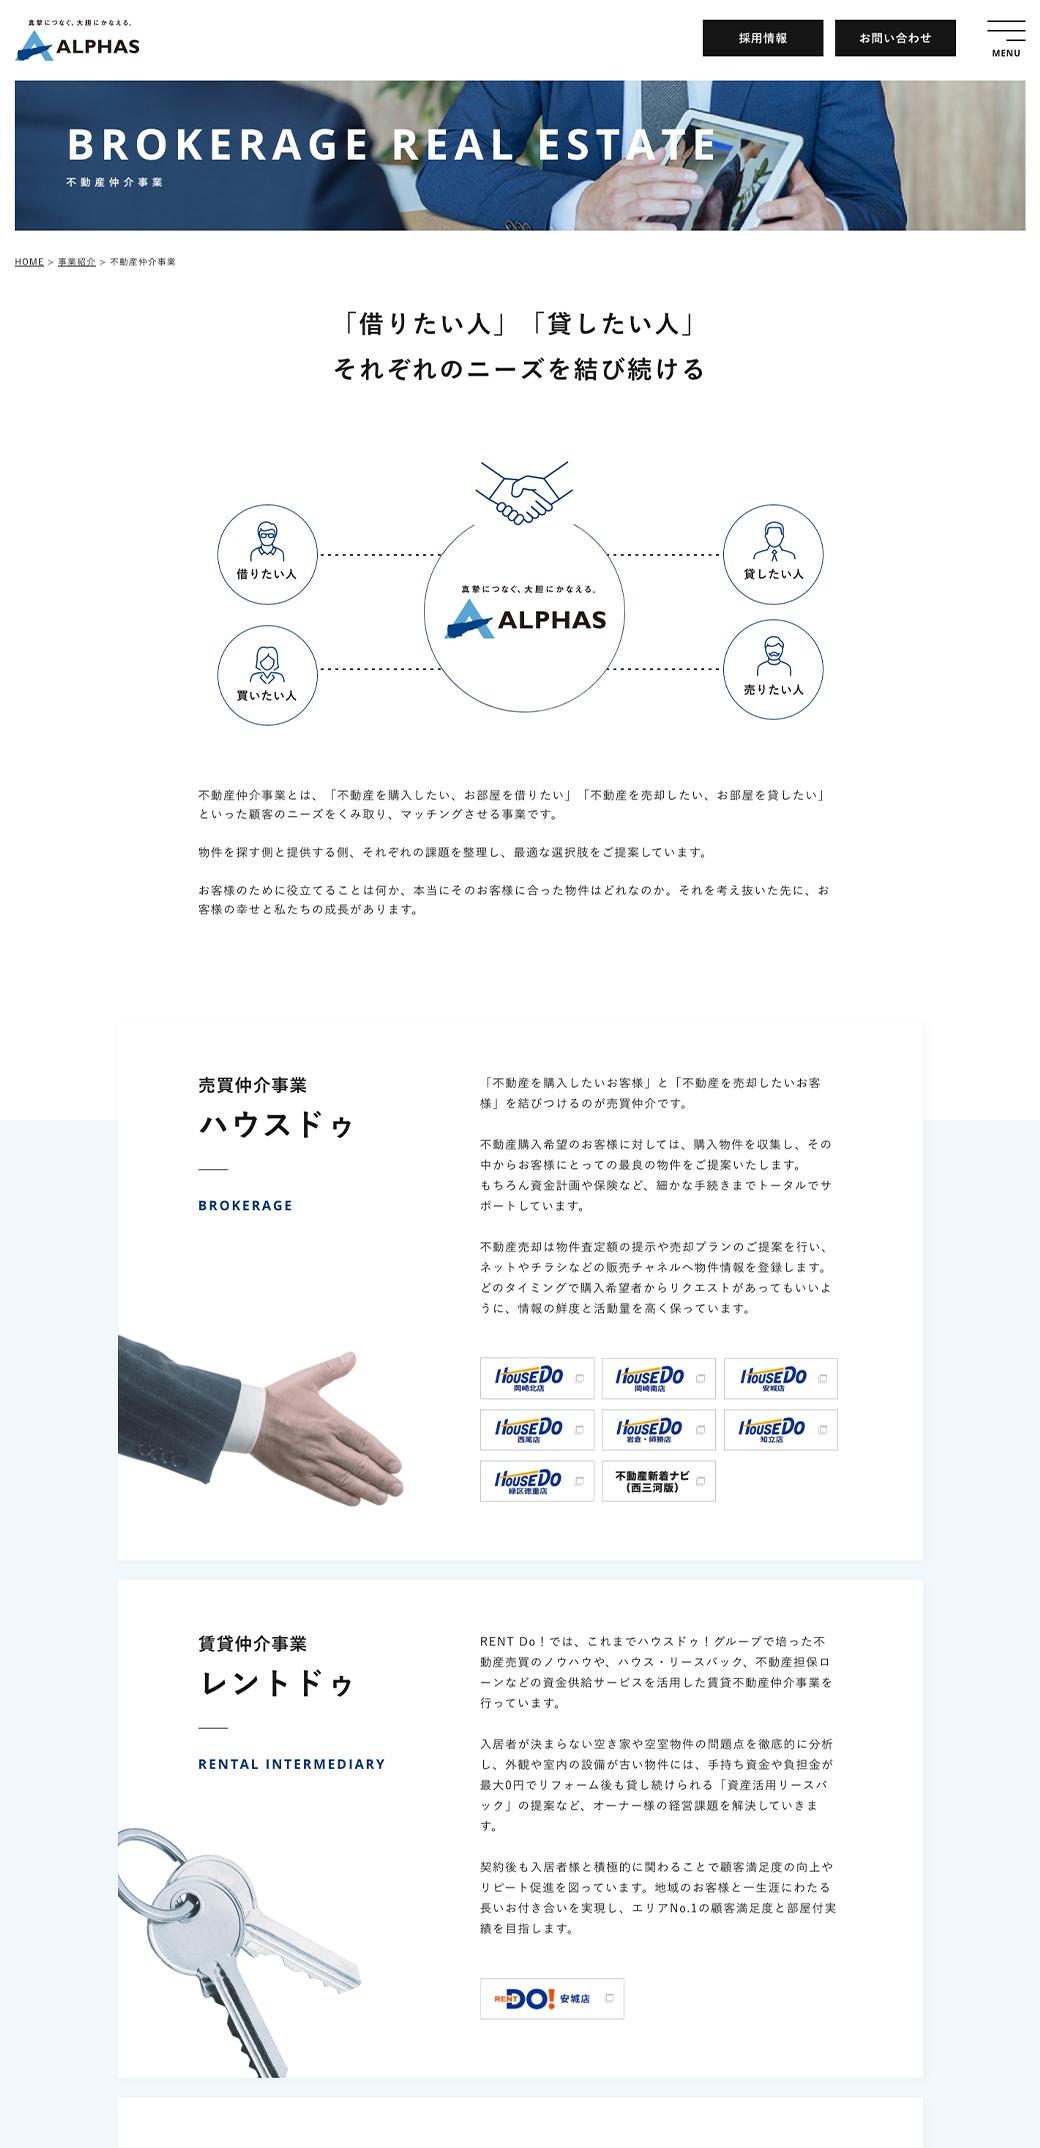 コーポレートサイト - 不動産仲介事業ページ